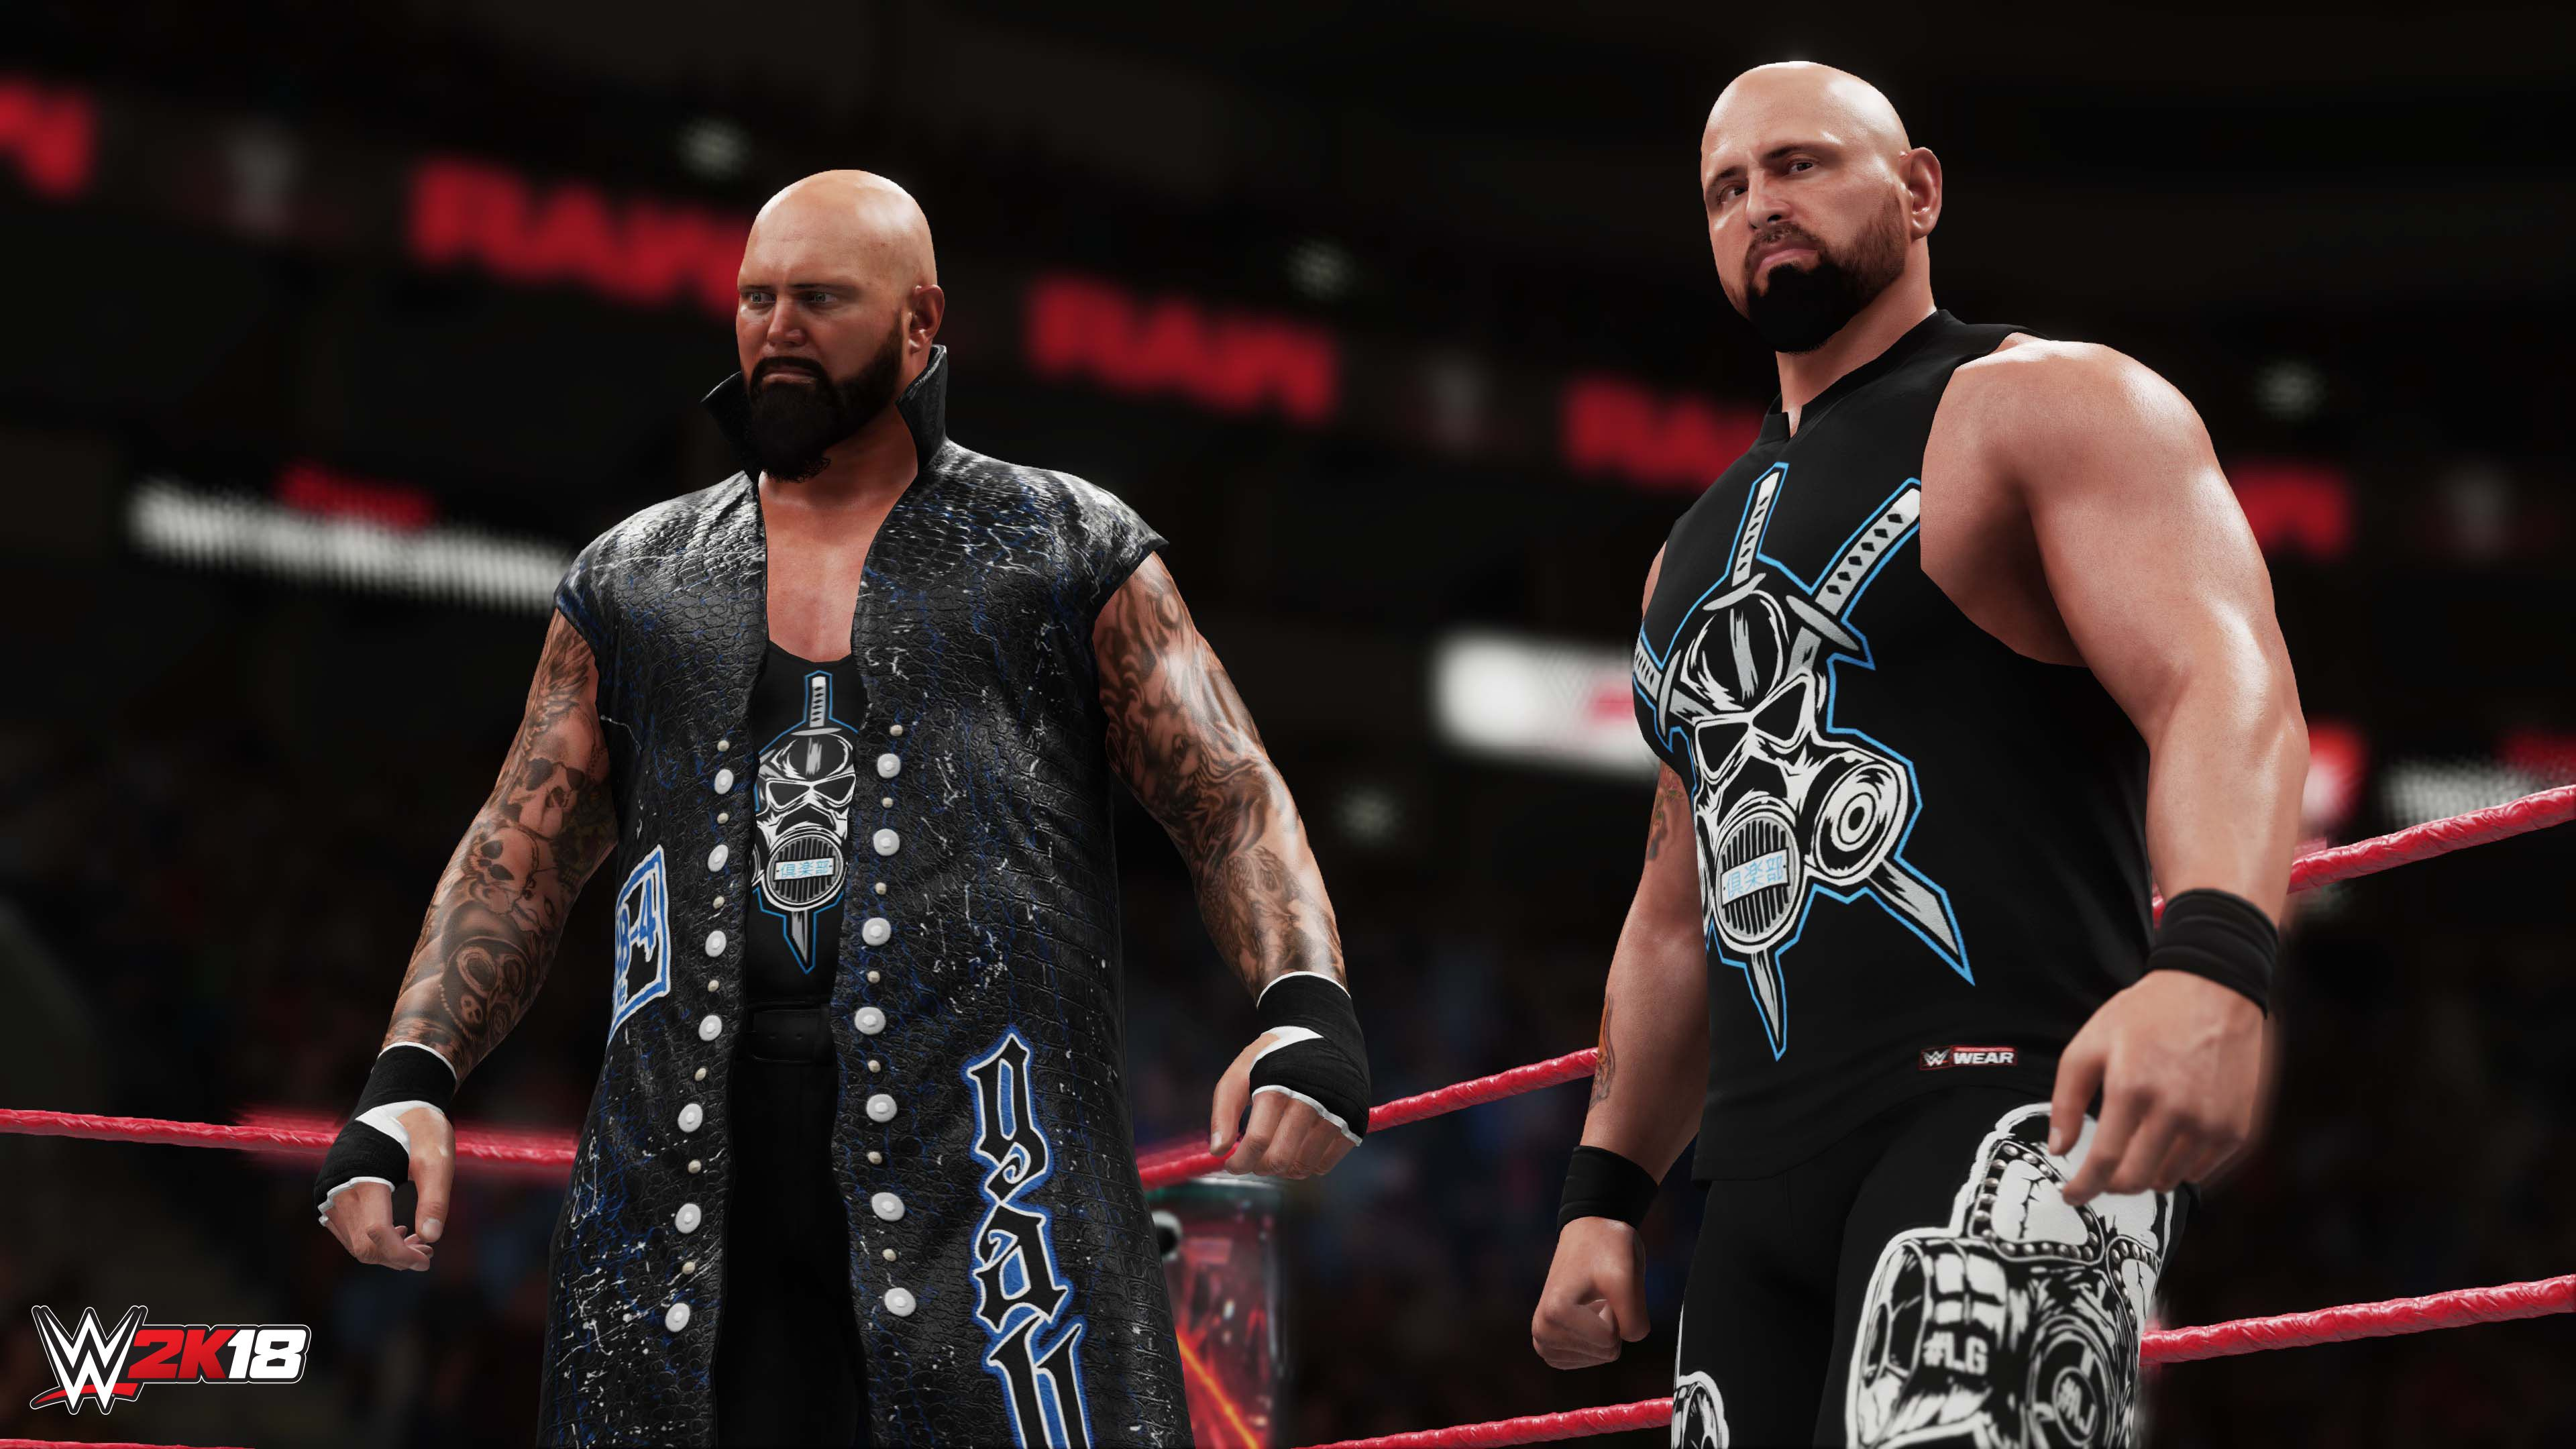 Resultado de imagen para WWE 2k18 Digital Deluxe Edition